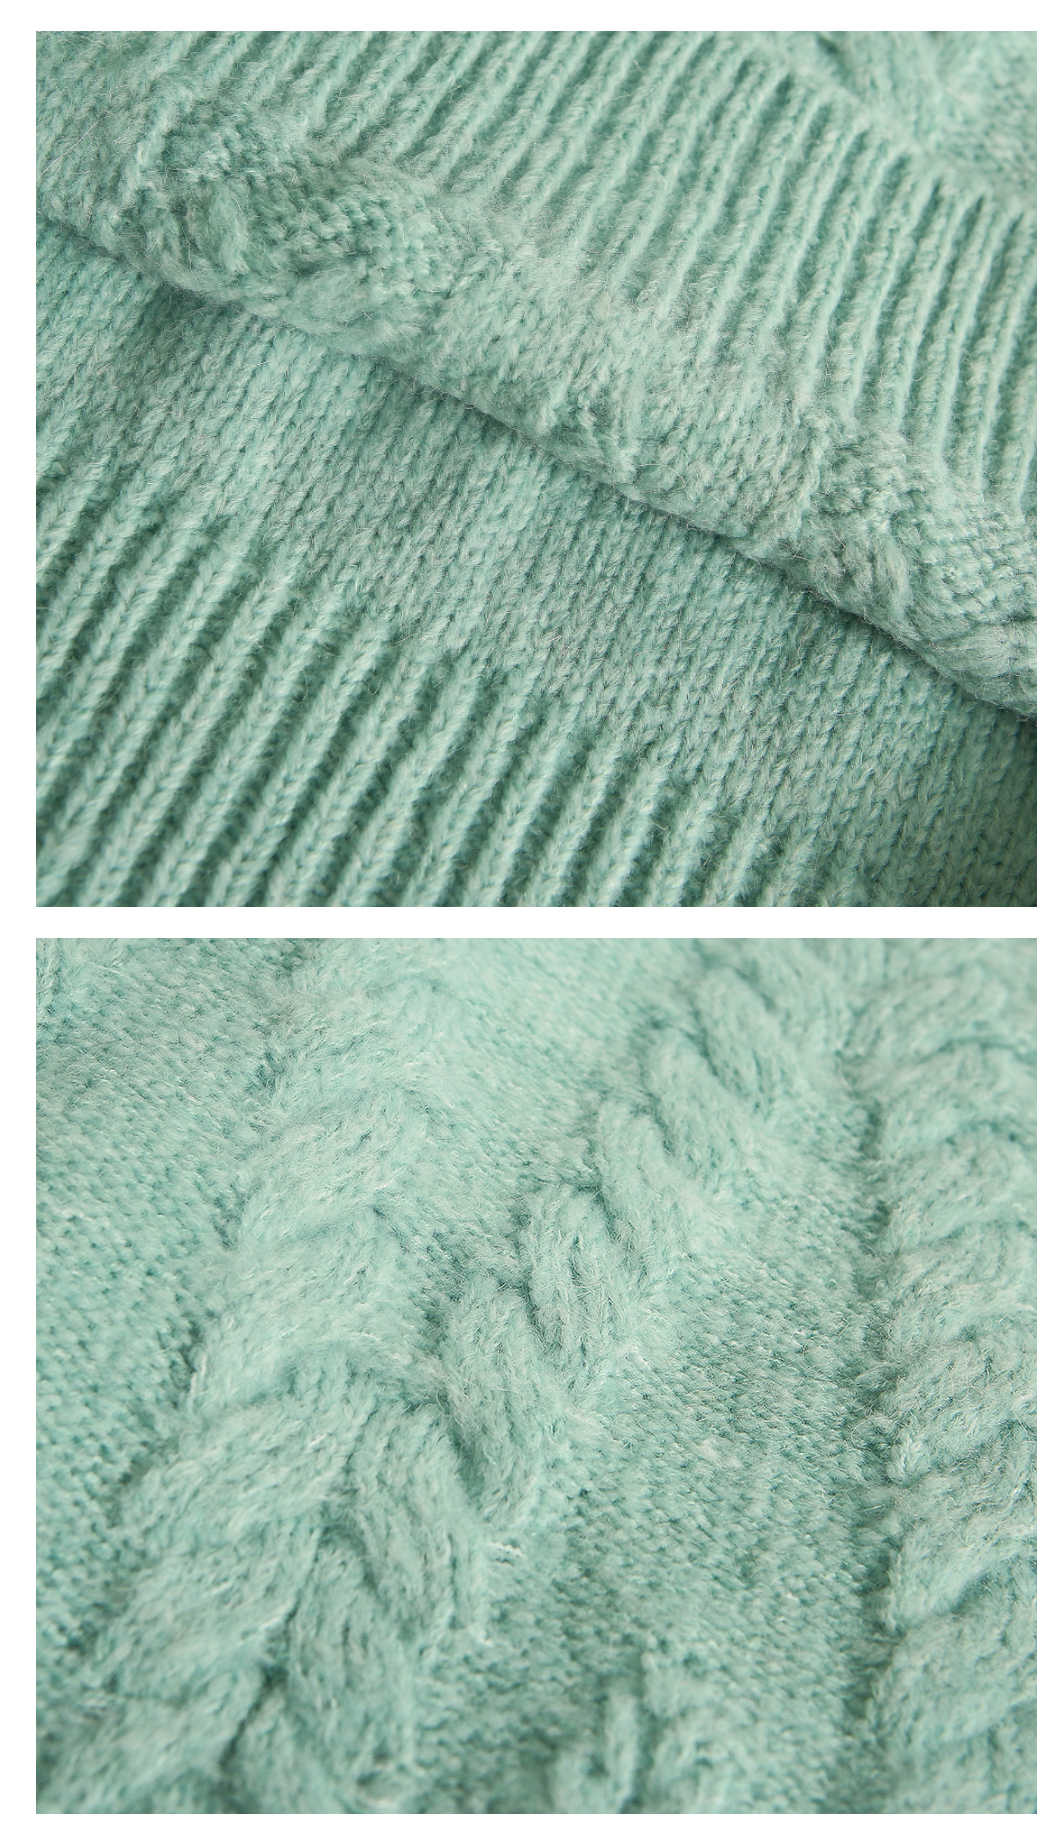 גברים של סוודר שמנמן סרוג מגשרי סוודר קשמיר ארוך שרוול חולצות רטרו עבור נערים צעירים חיצוני מוצק צבע סתיו חורף